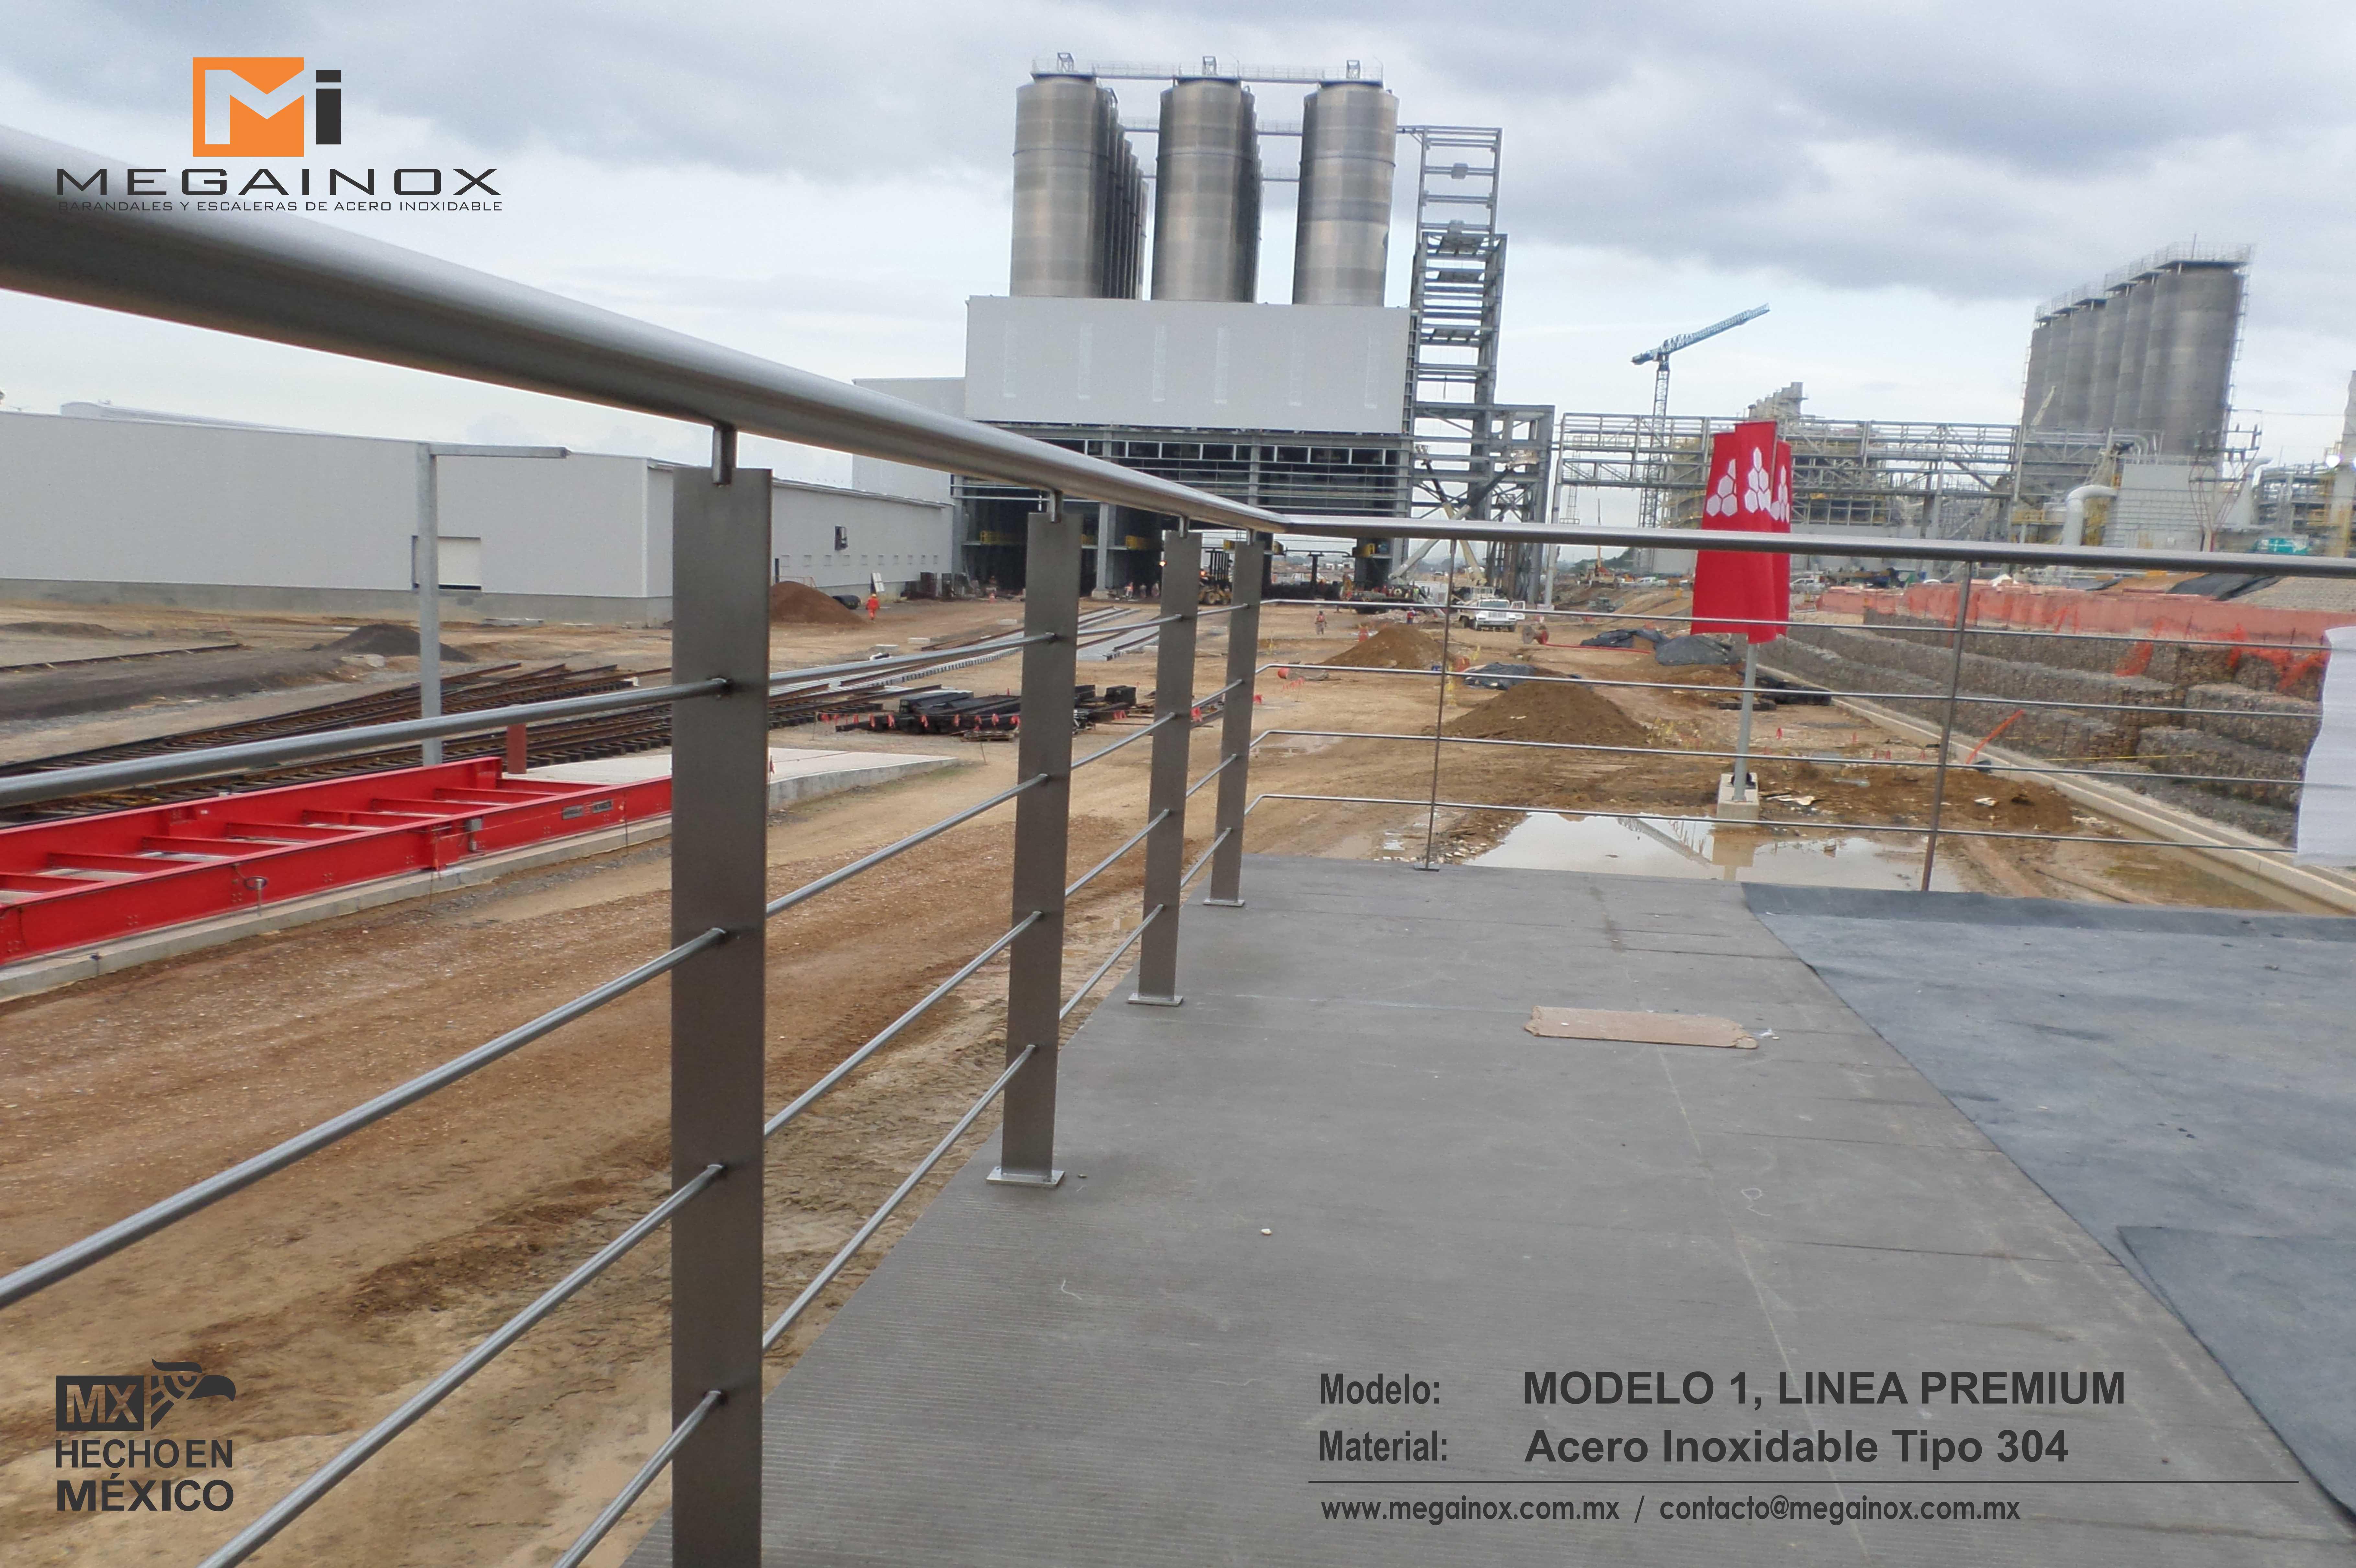 Modelo 1, Línea PREMIUM